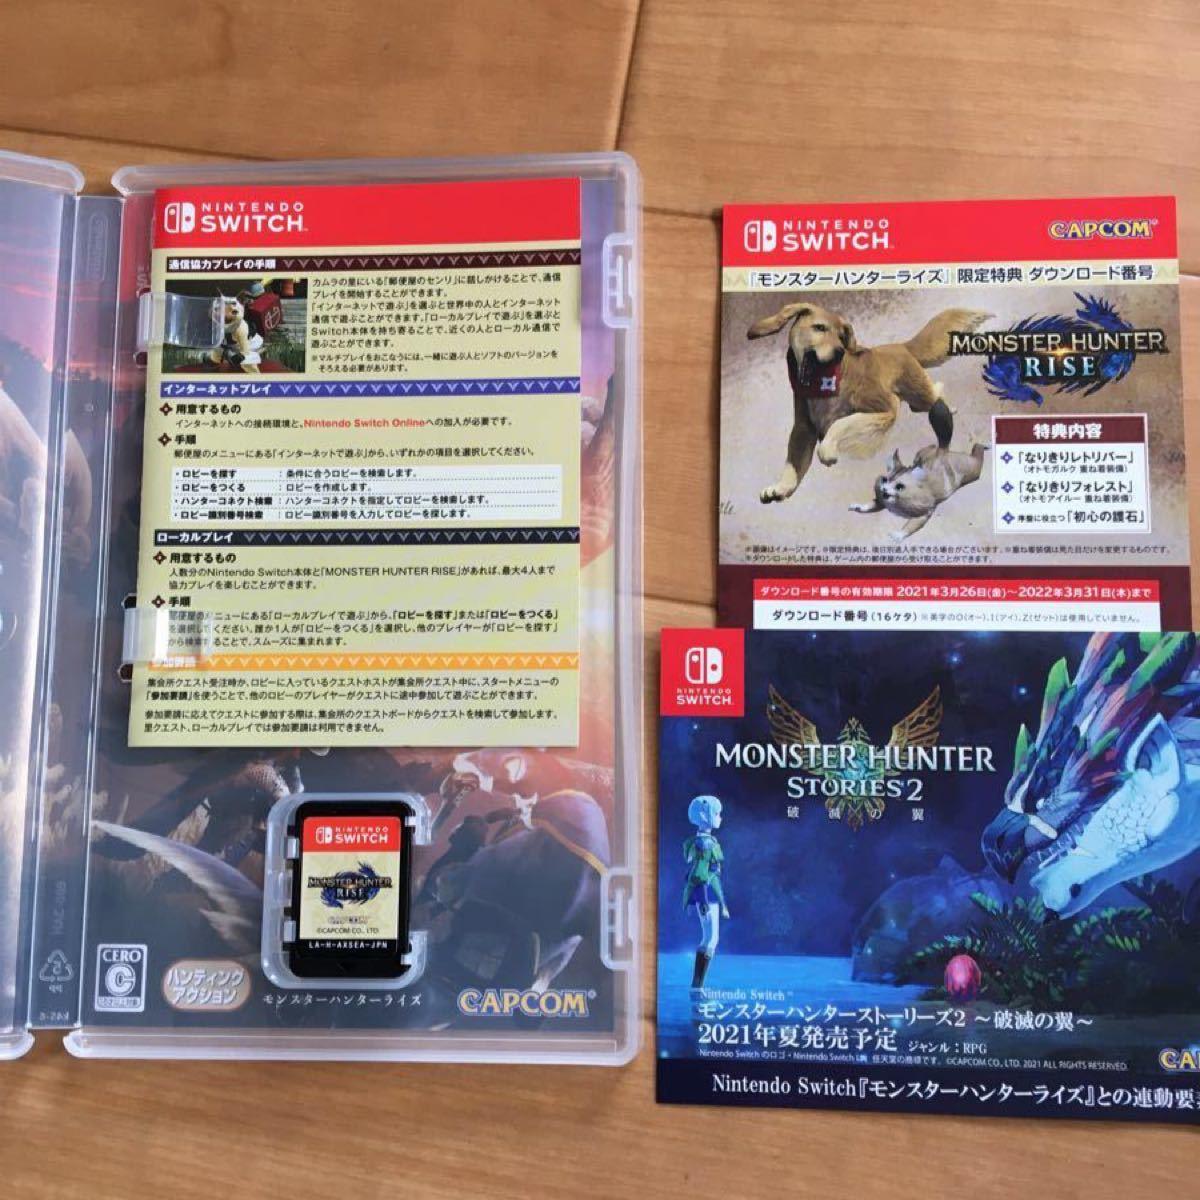 モンスターハンターライズ 初回数量限定ダウンロード特典付 スイッチ モンハンライズ Monster Hunter